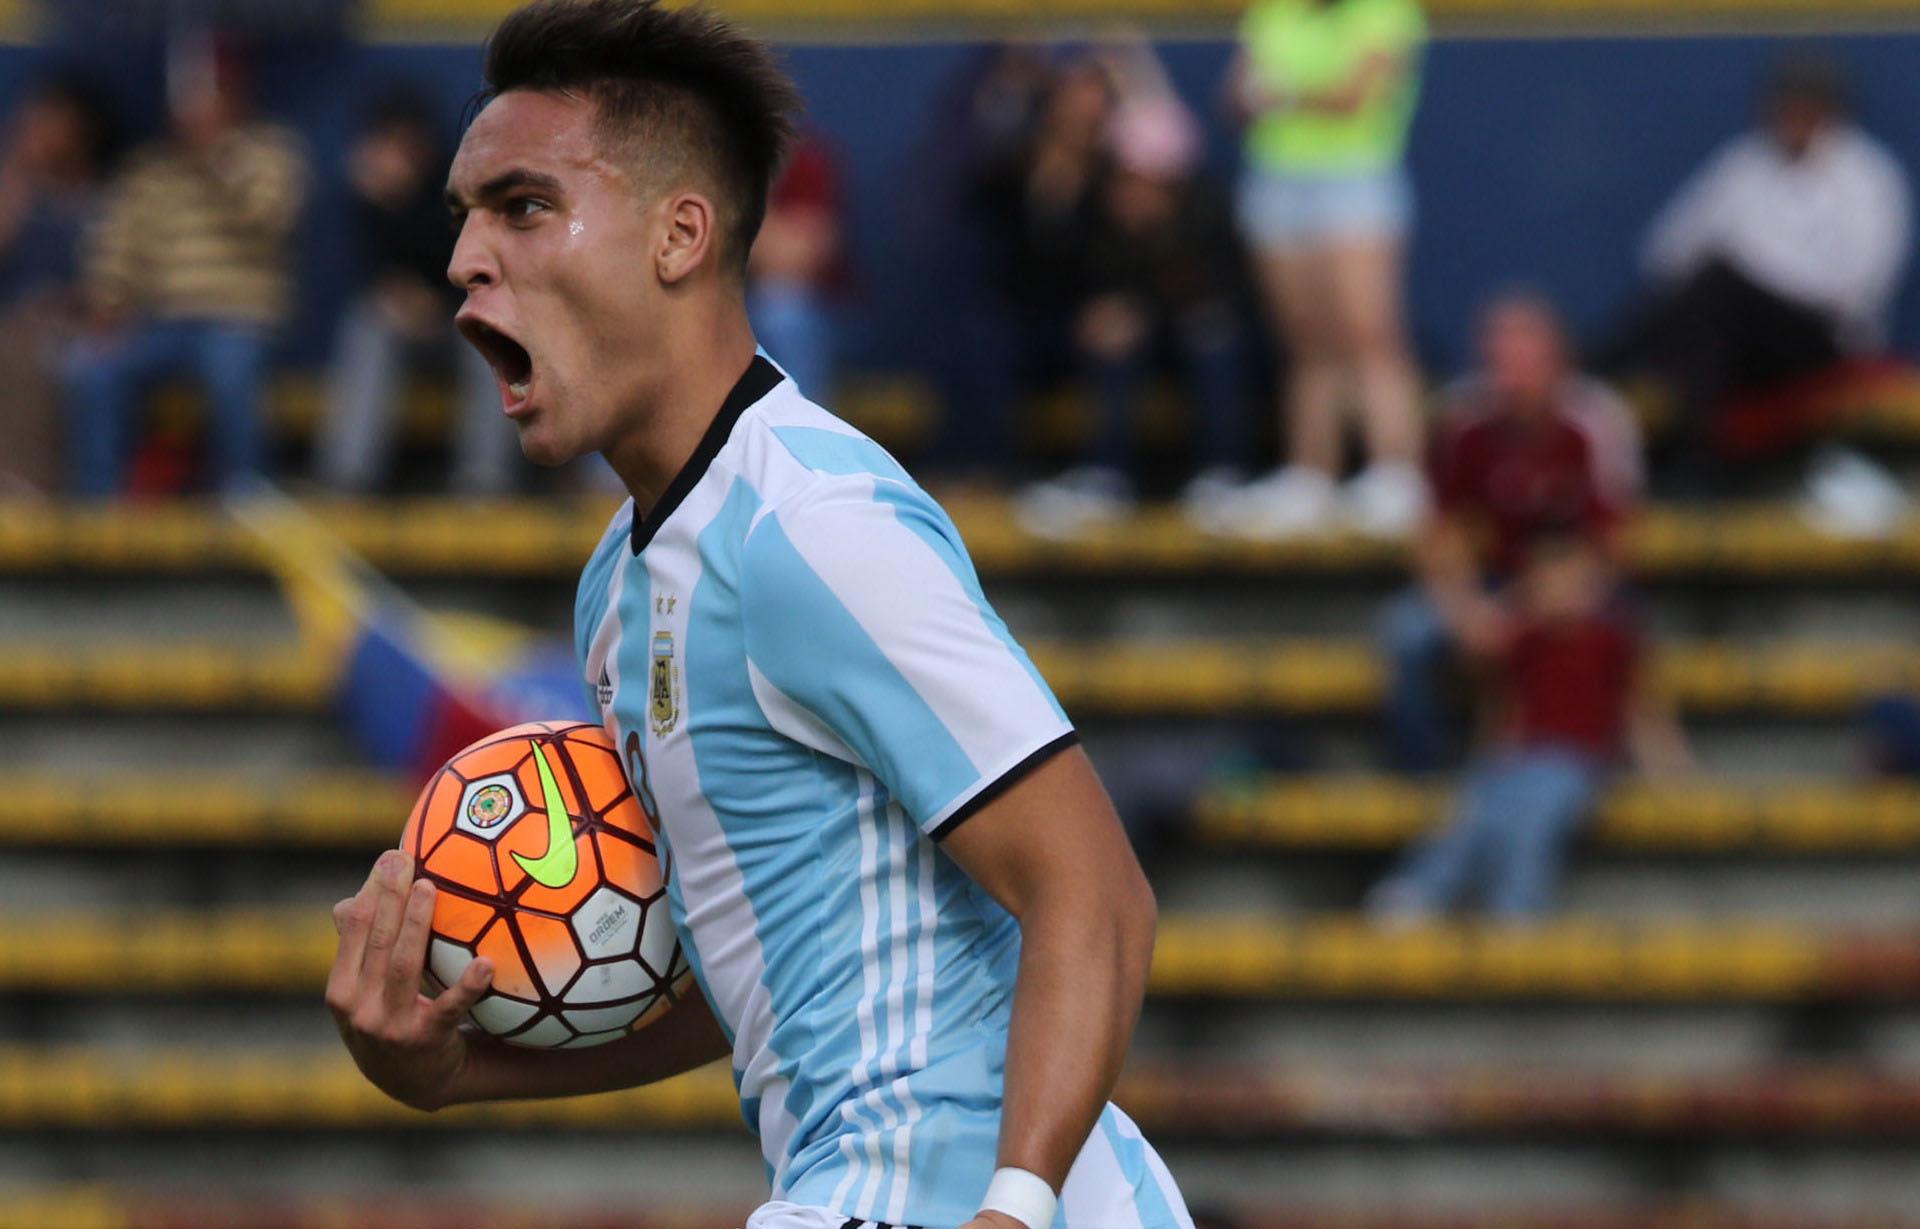 Lautaro puede jugar con Messi y ser el mejor delantero del mundo: Milito